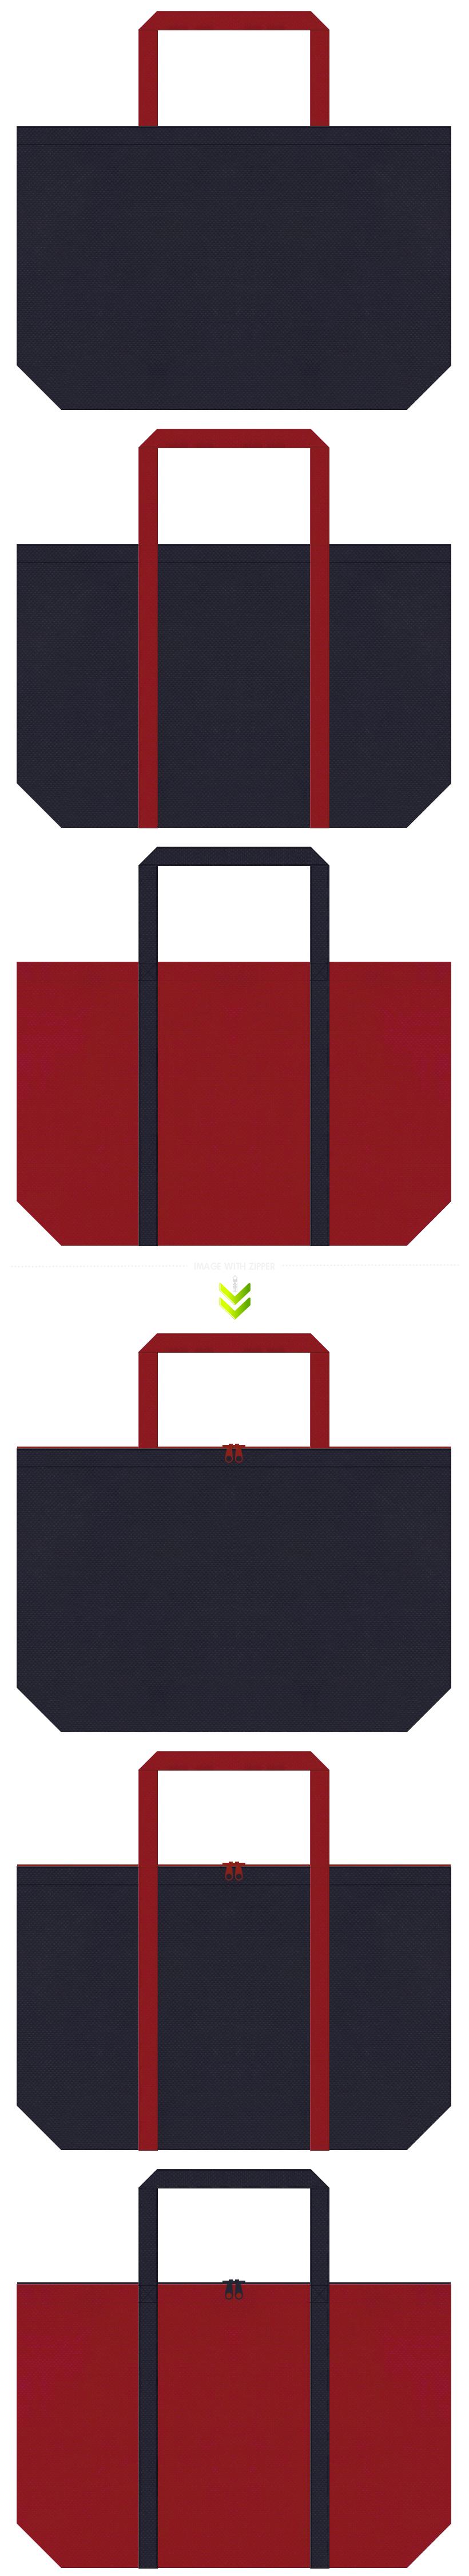 ラガーシャツ・シューズ・スポーツイベント・スポーティーファッション・スポーツ用品のショッピングバッグにお奨め:濃紺色とエンジ色のコーデ